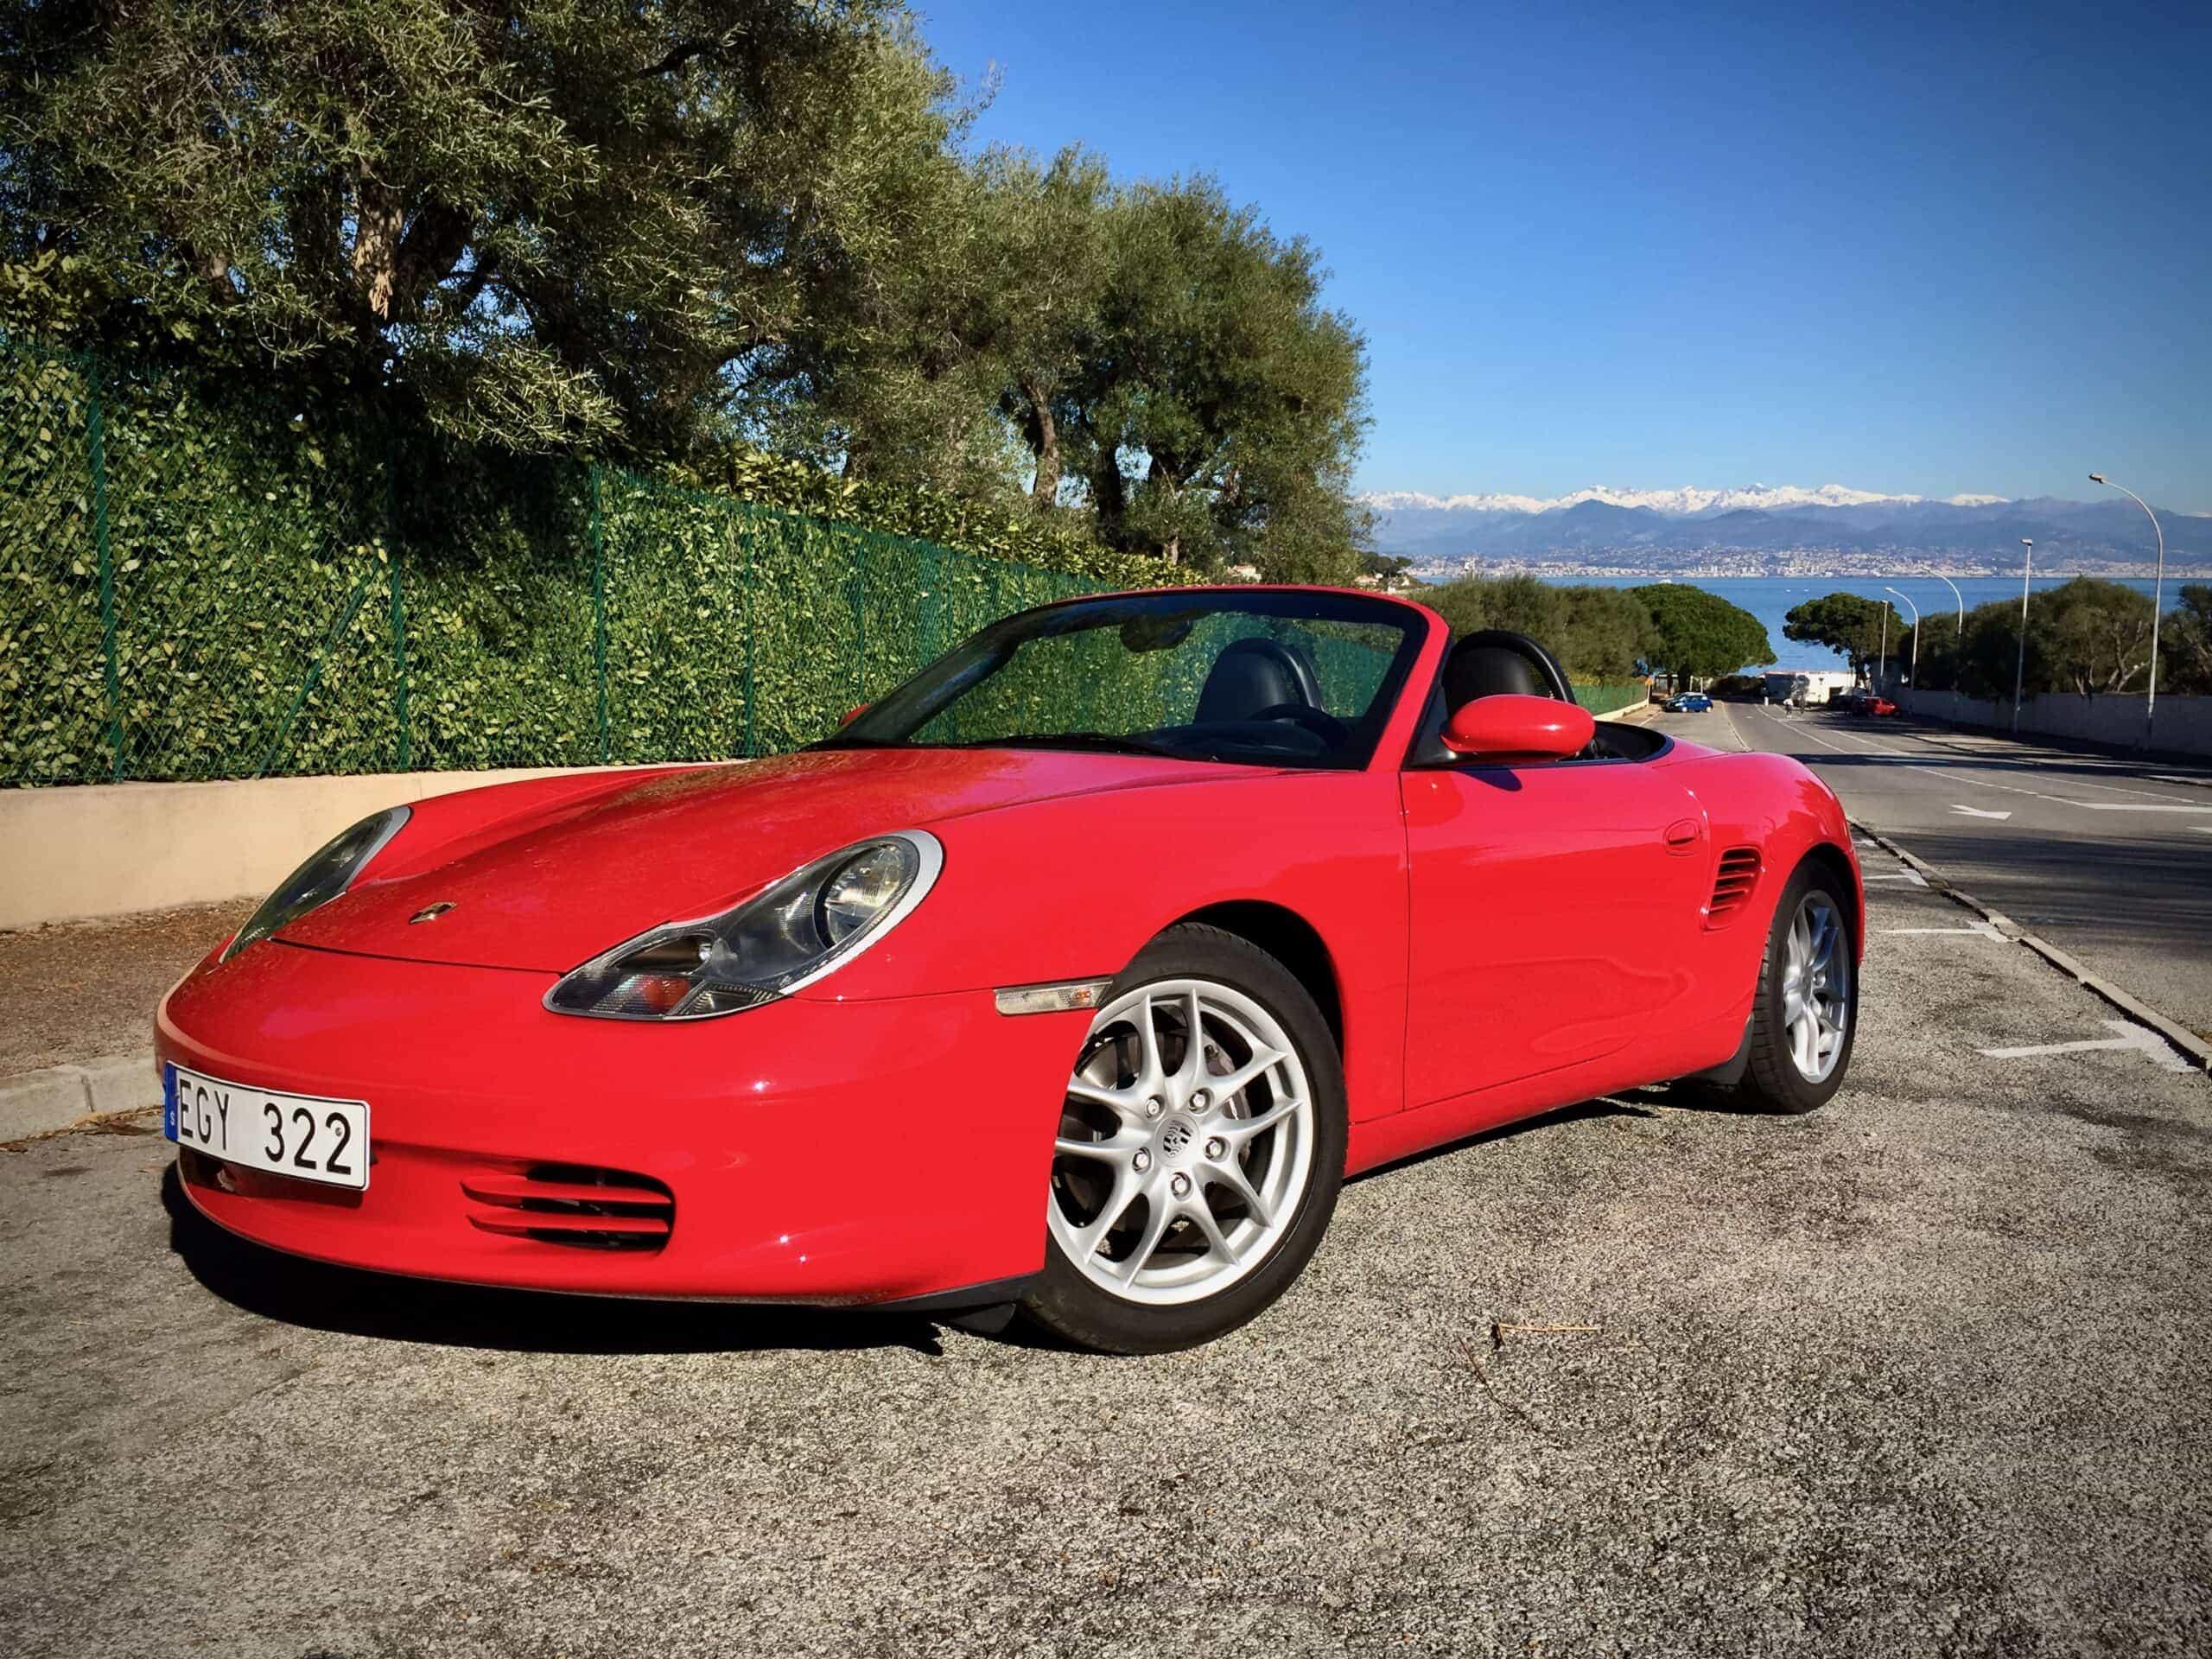 Red Porsche Boxster 986 color